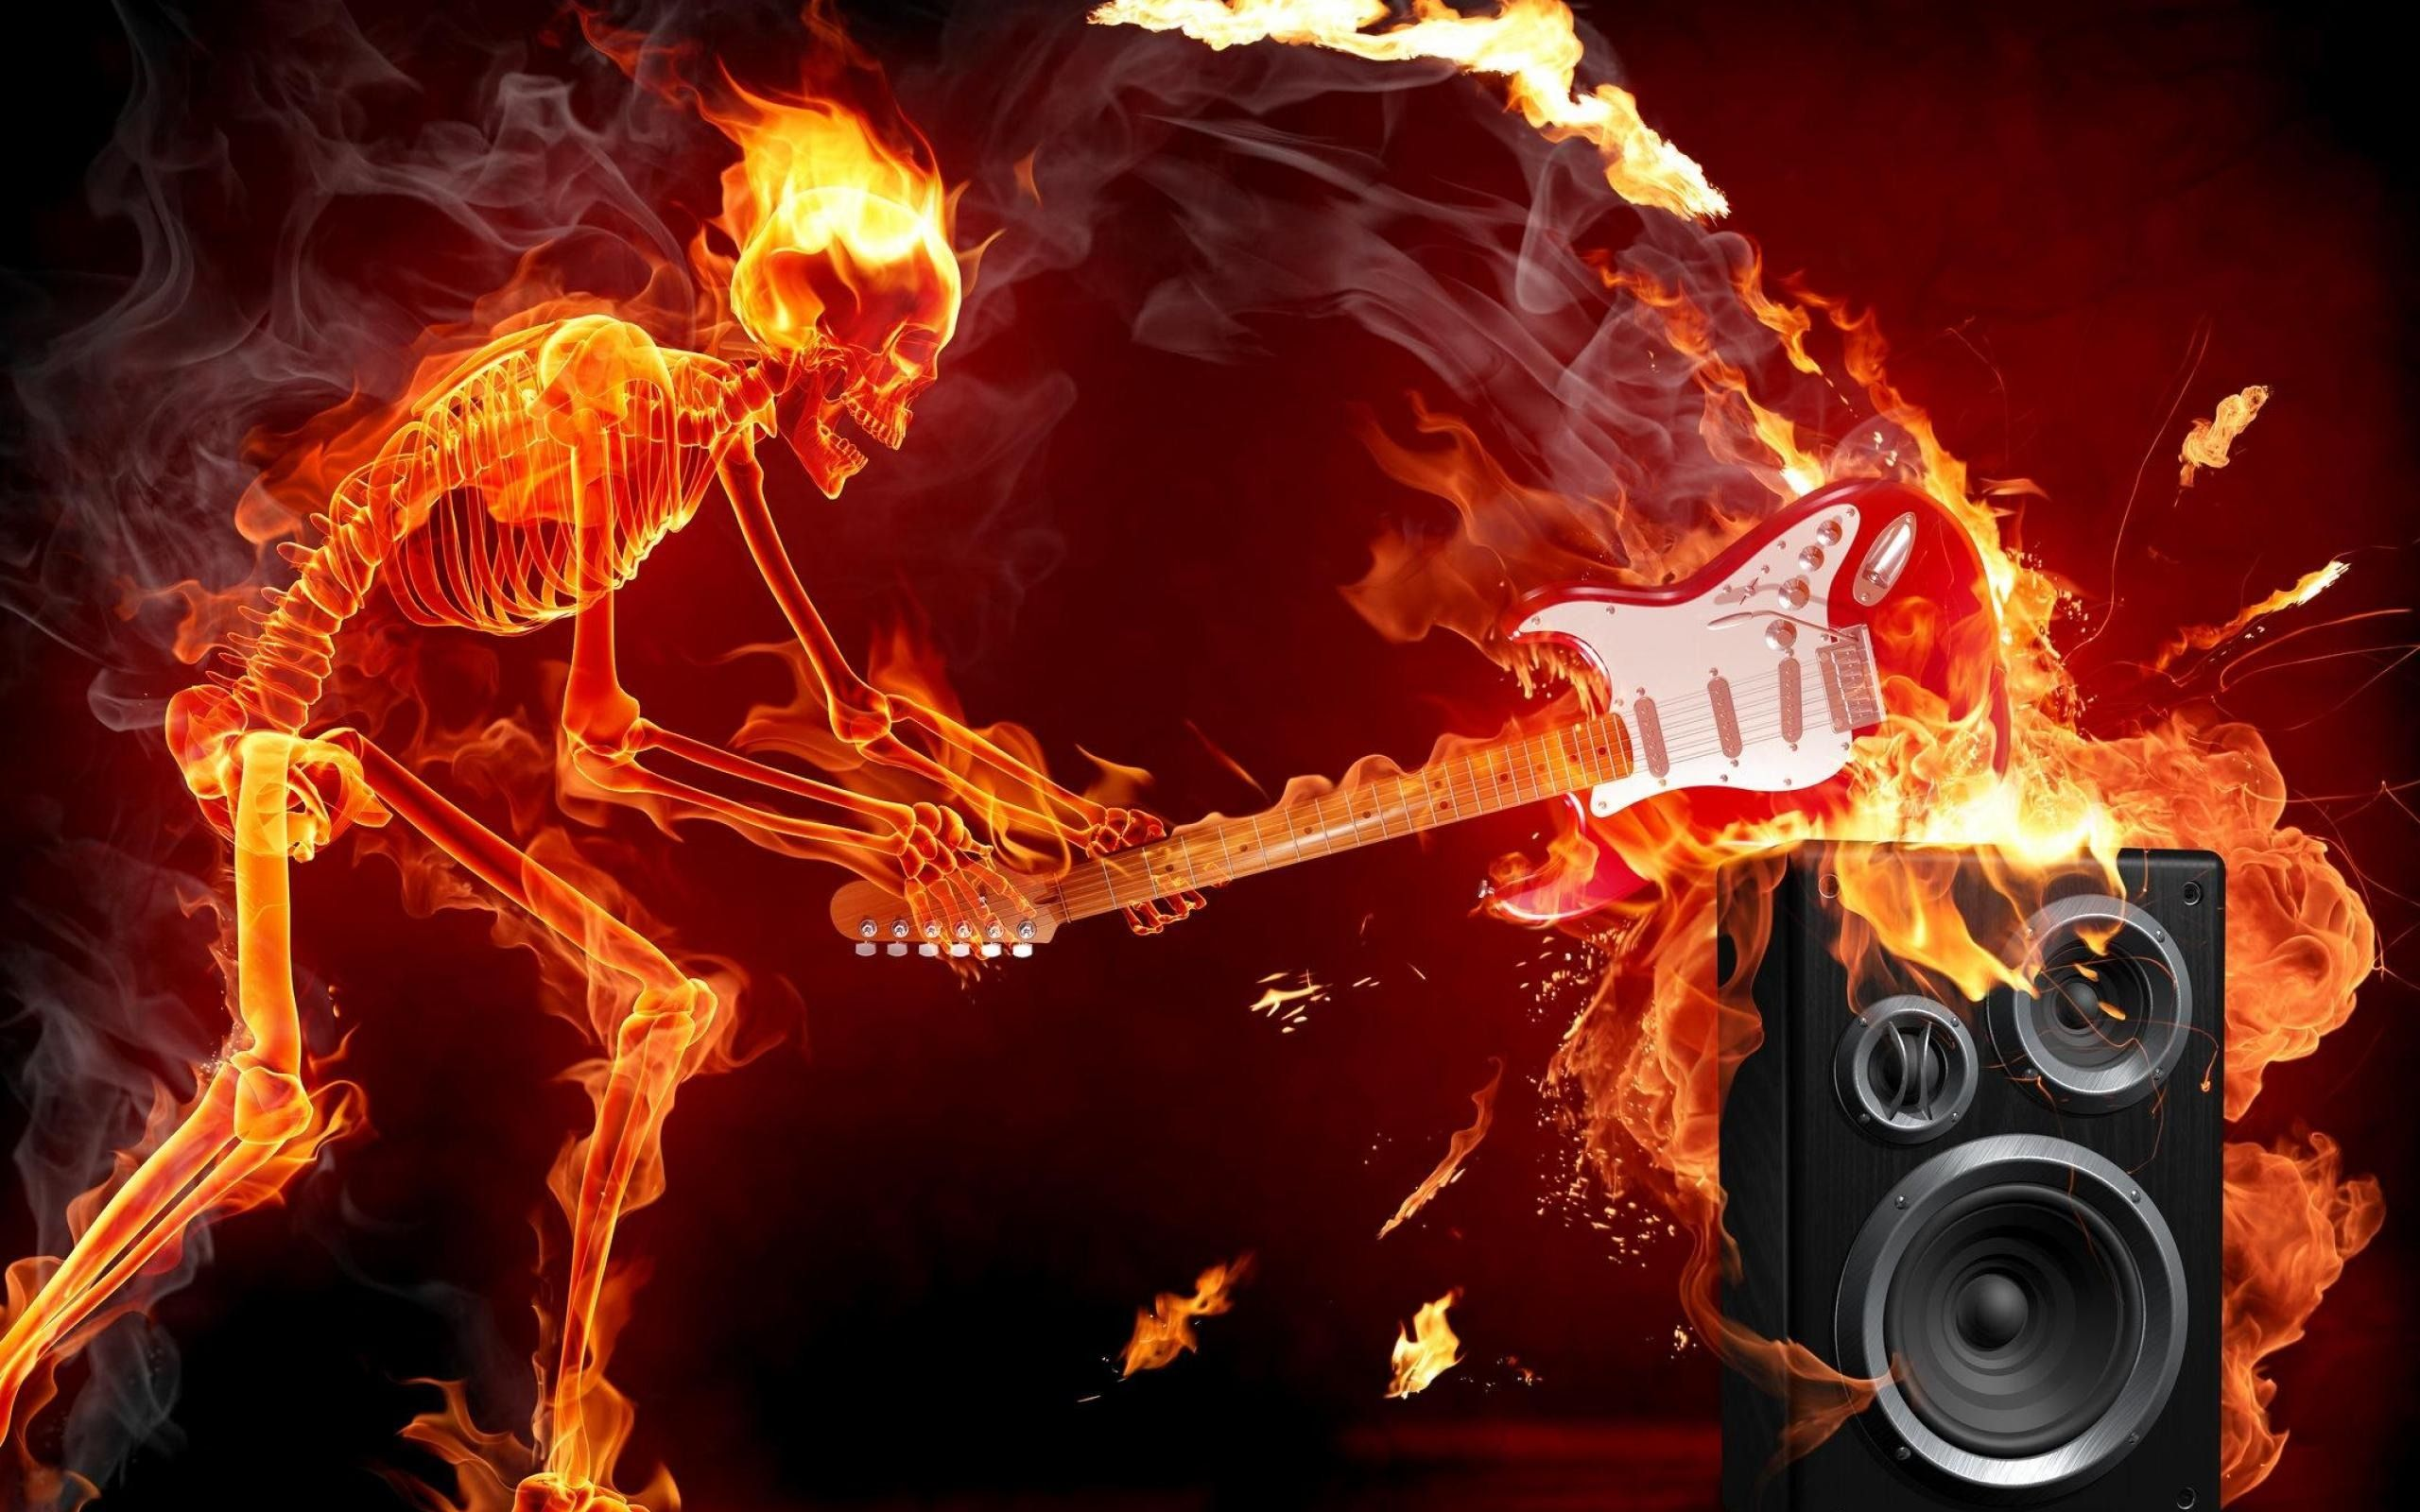 Rock Guitar Images Son Rock Guitare Feu Musique Amateurs Fond D 233 Cran 2560x1600 Fond D